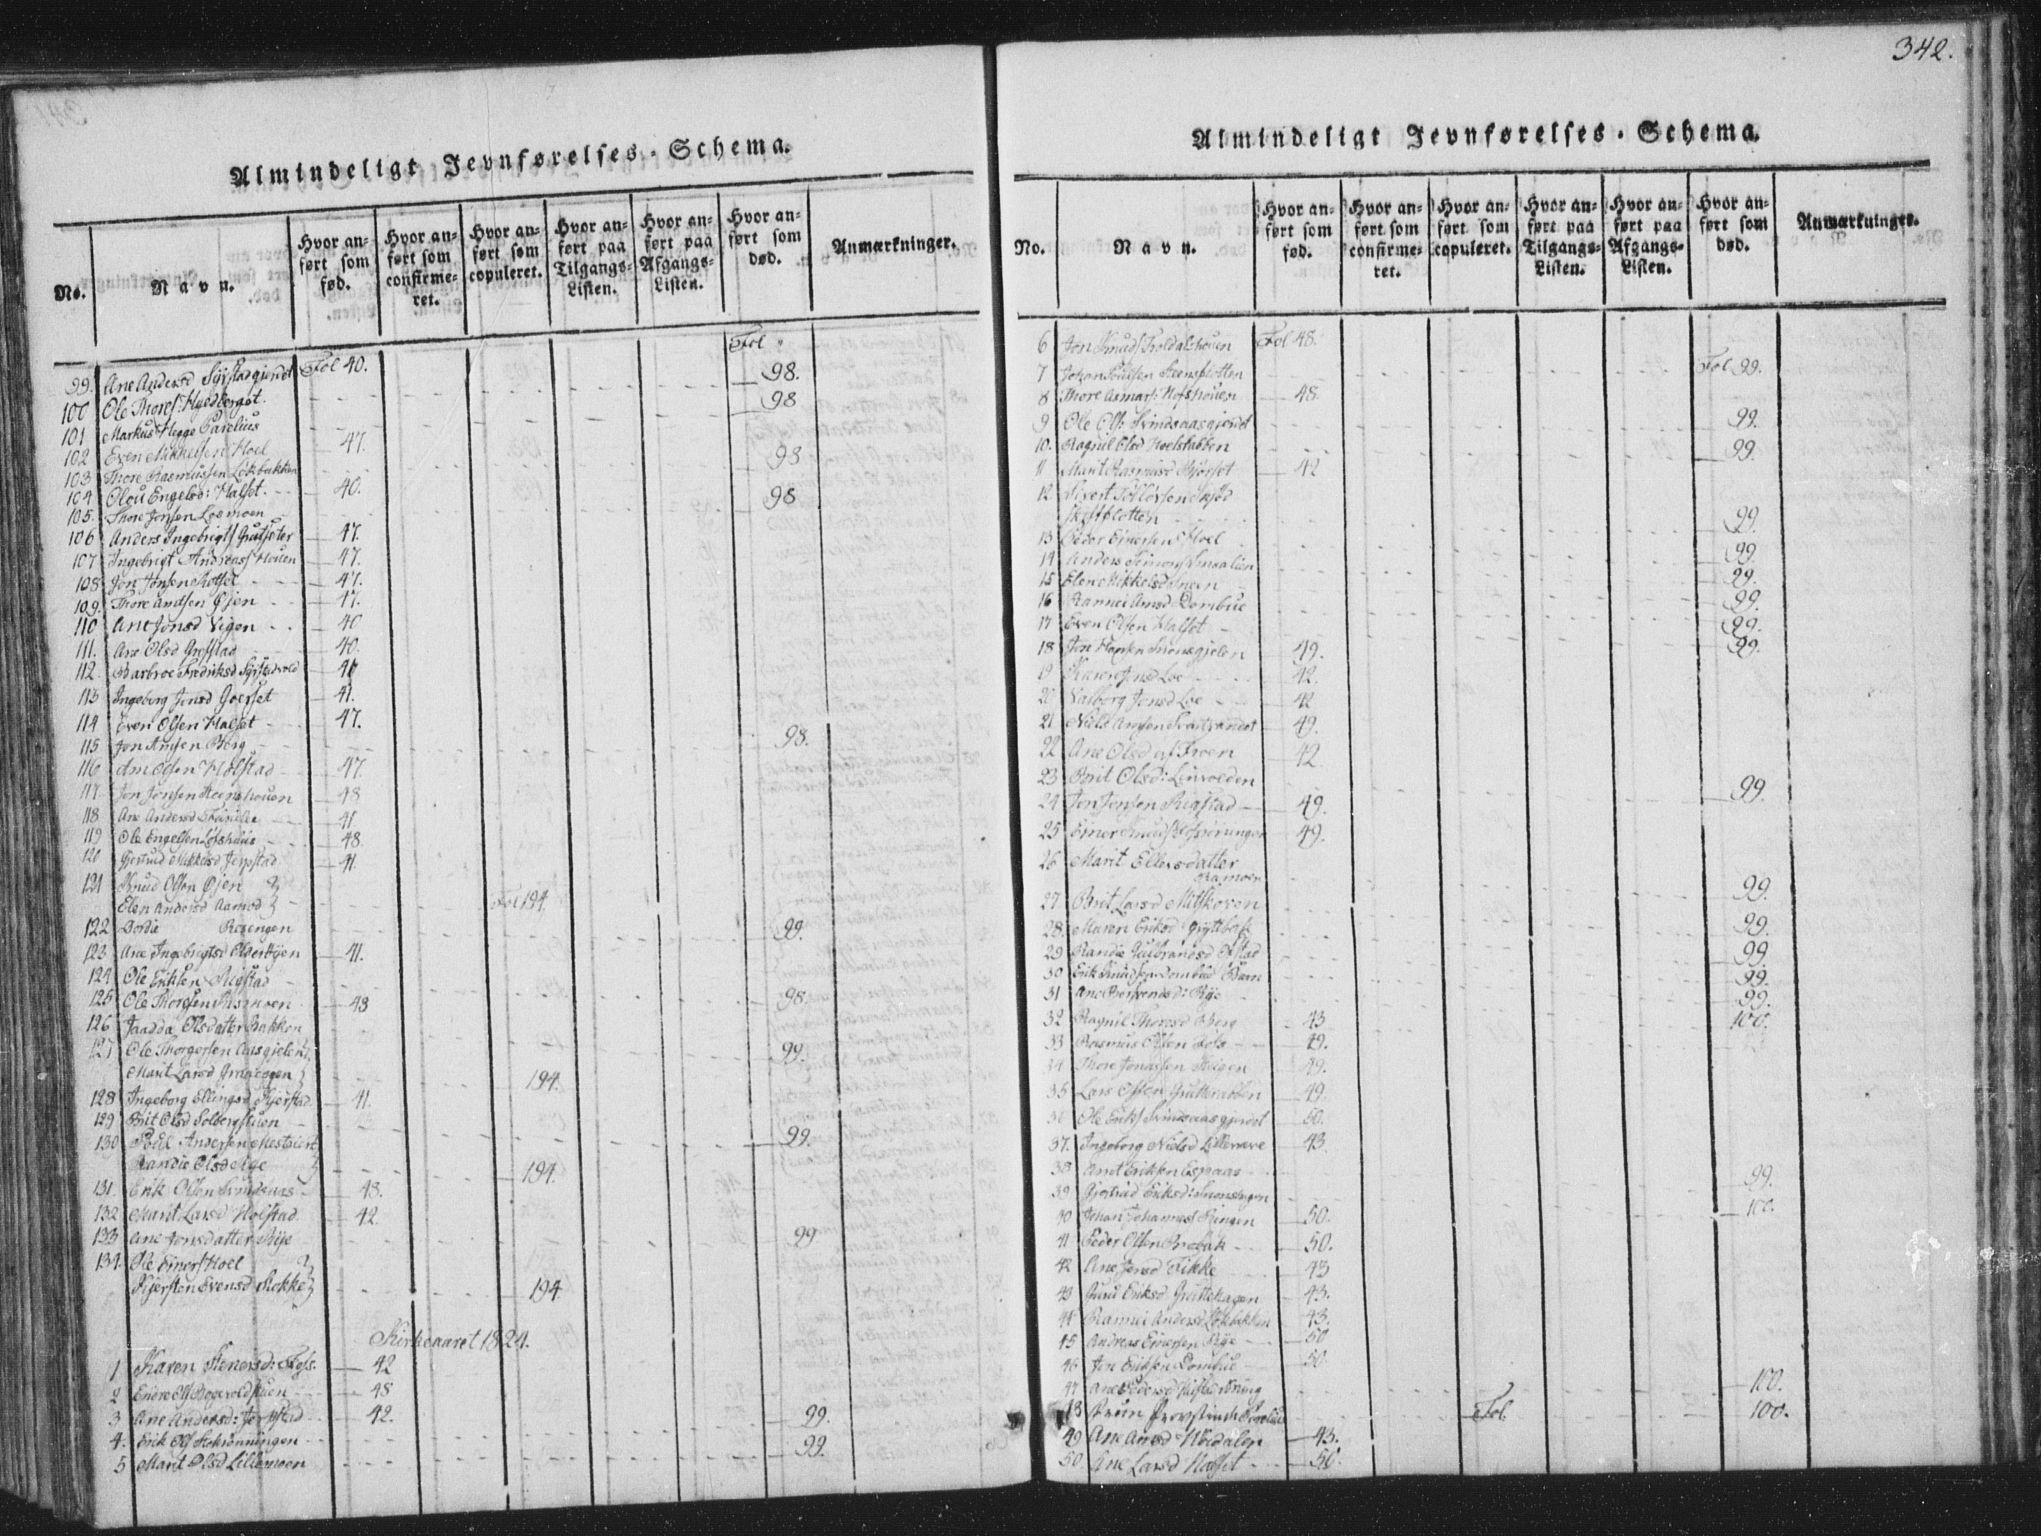 SAT, Ministerialprotokoller, klokkerbøker og fødselsregistre - Sør-Trøndelag, 672/L0862: Klokkerbok nr. 672C01, 1816-1831, s. 342